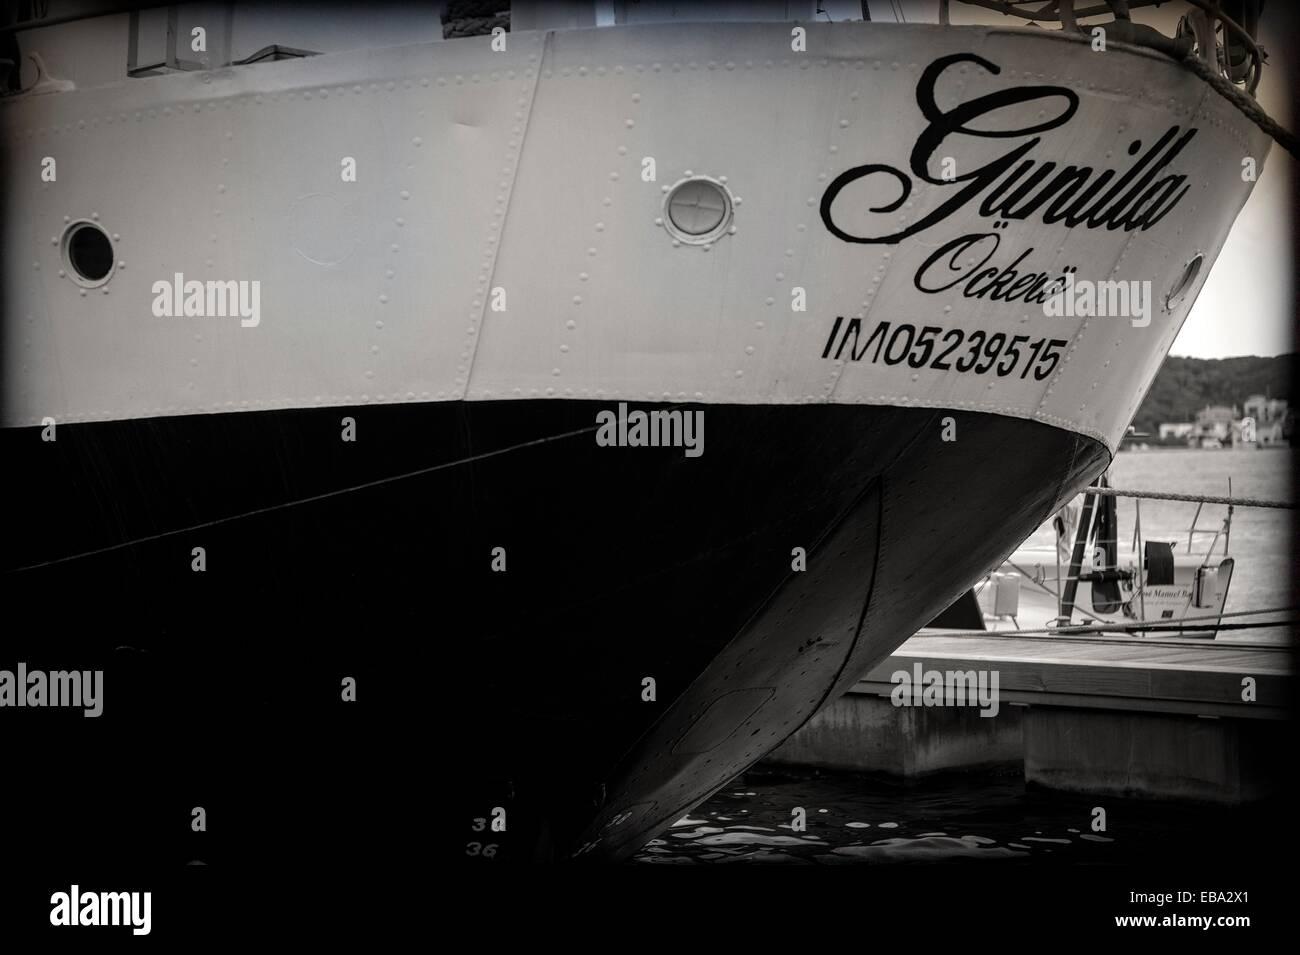 65-70 1941 Aventura antiguo aventure bachillerato derrière bateau noir et blanc Casco clasico concept classique detras educacion Banque D'Images